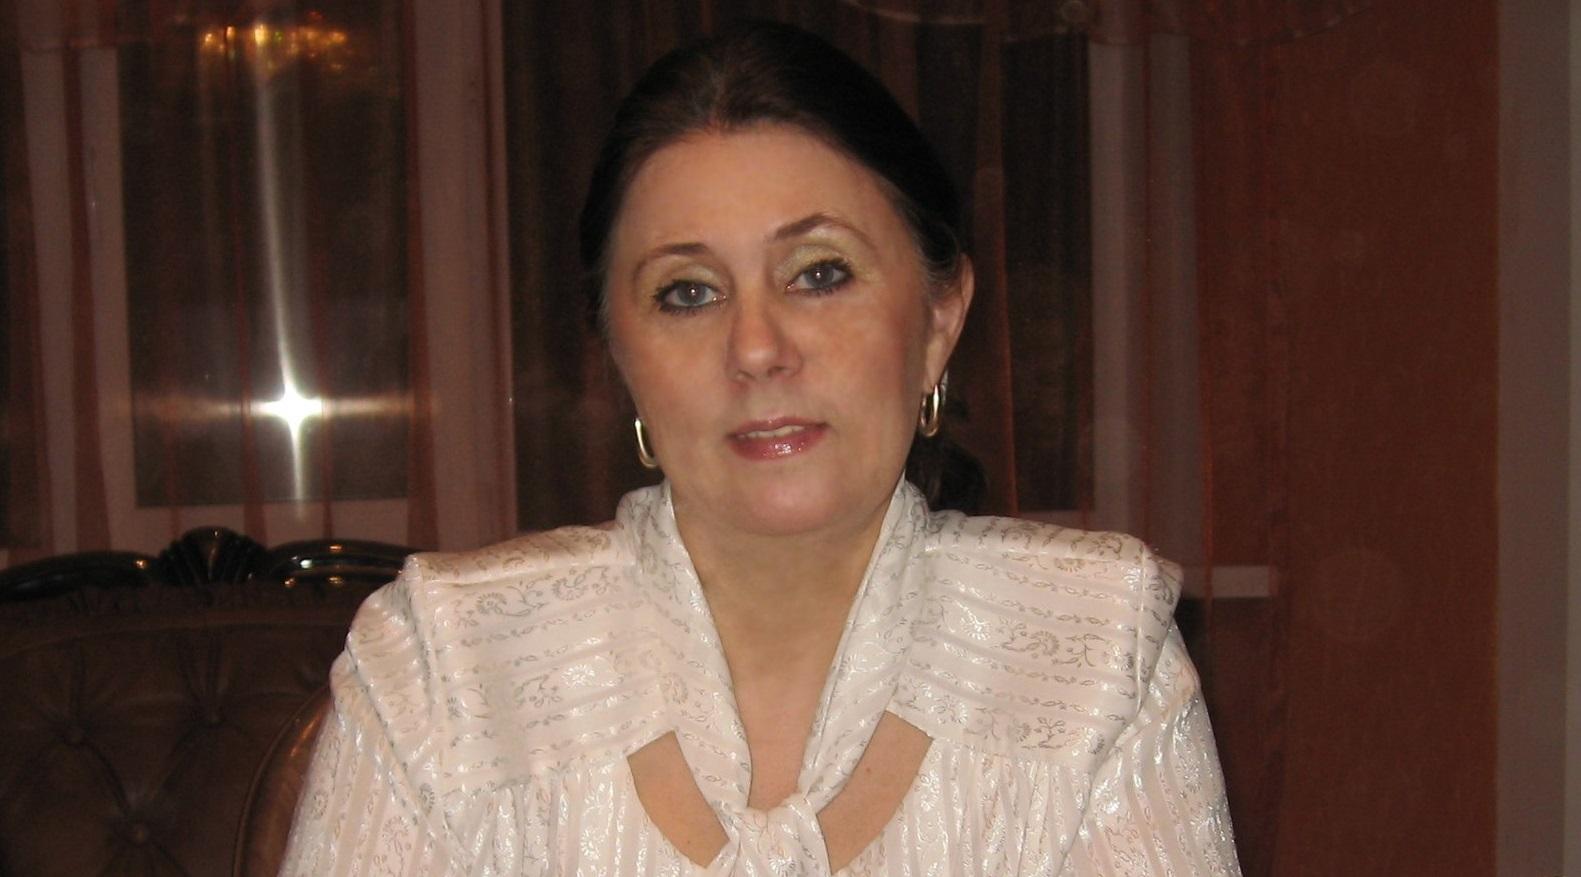 Лариса Шакурова — единственная женщина-кандидат на пост главы региона